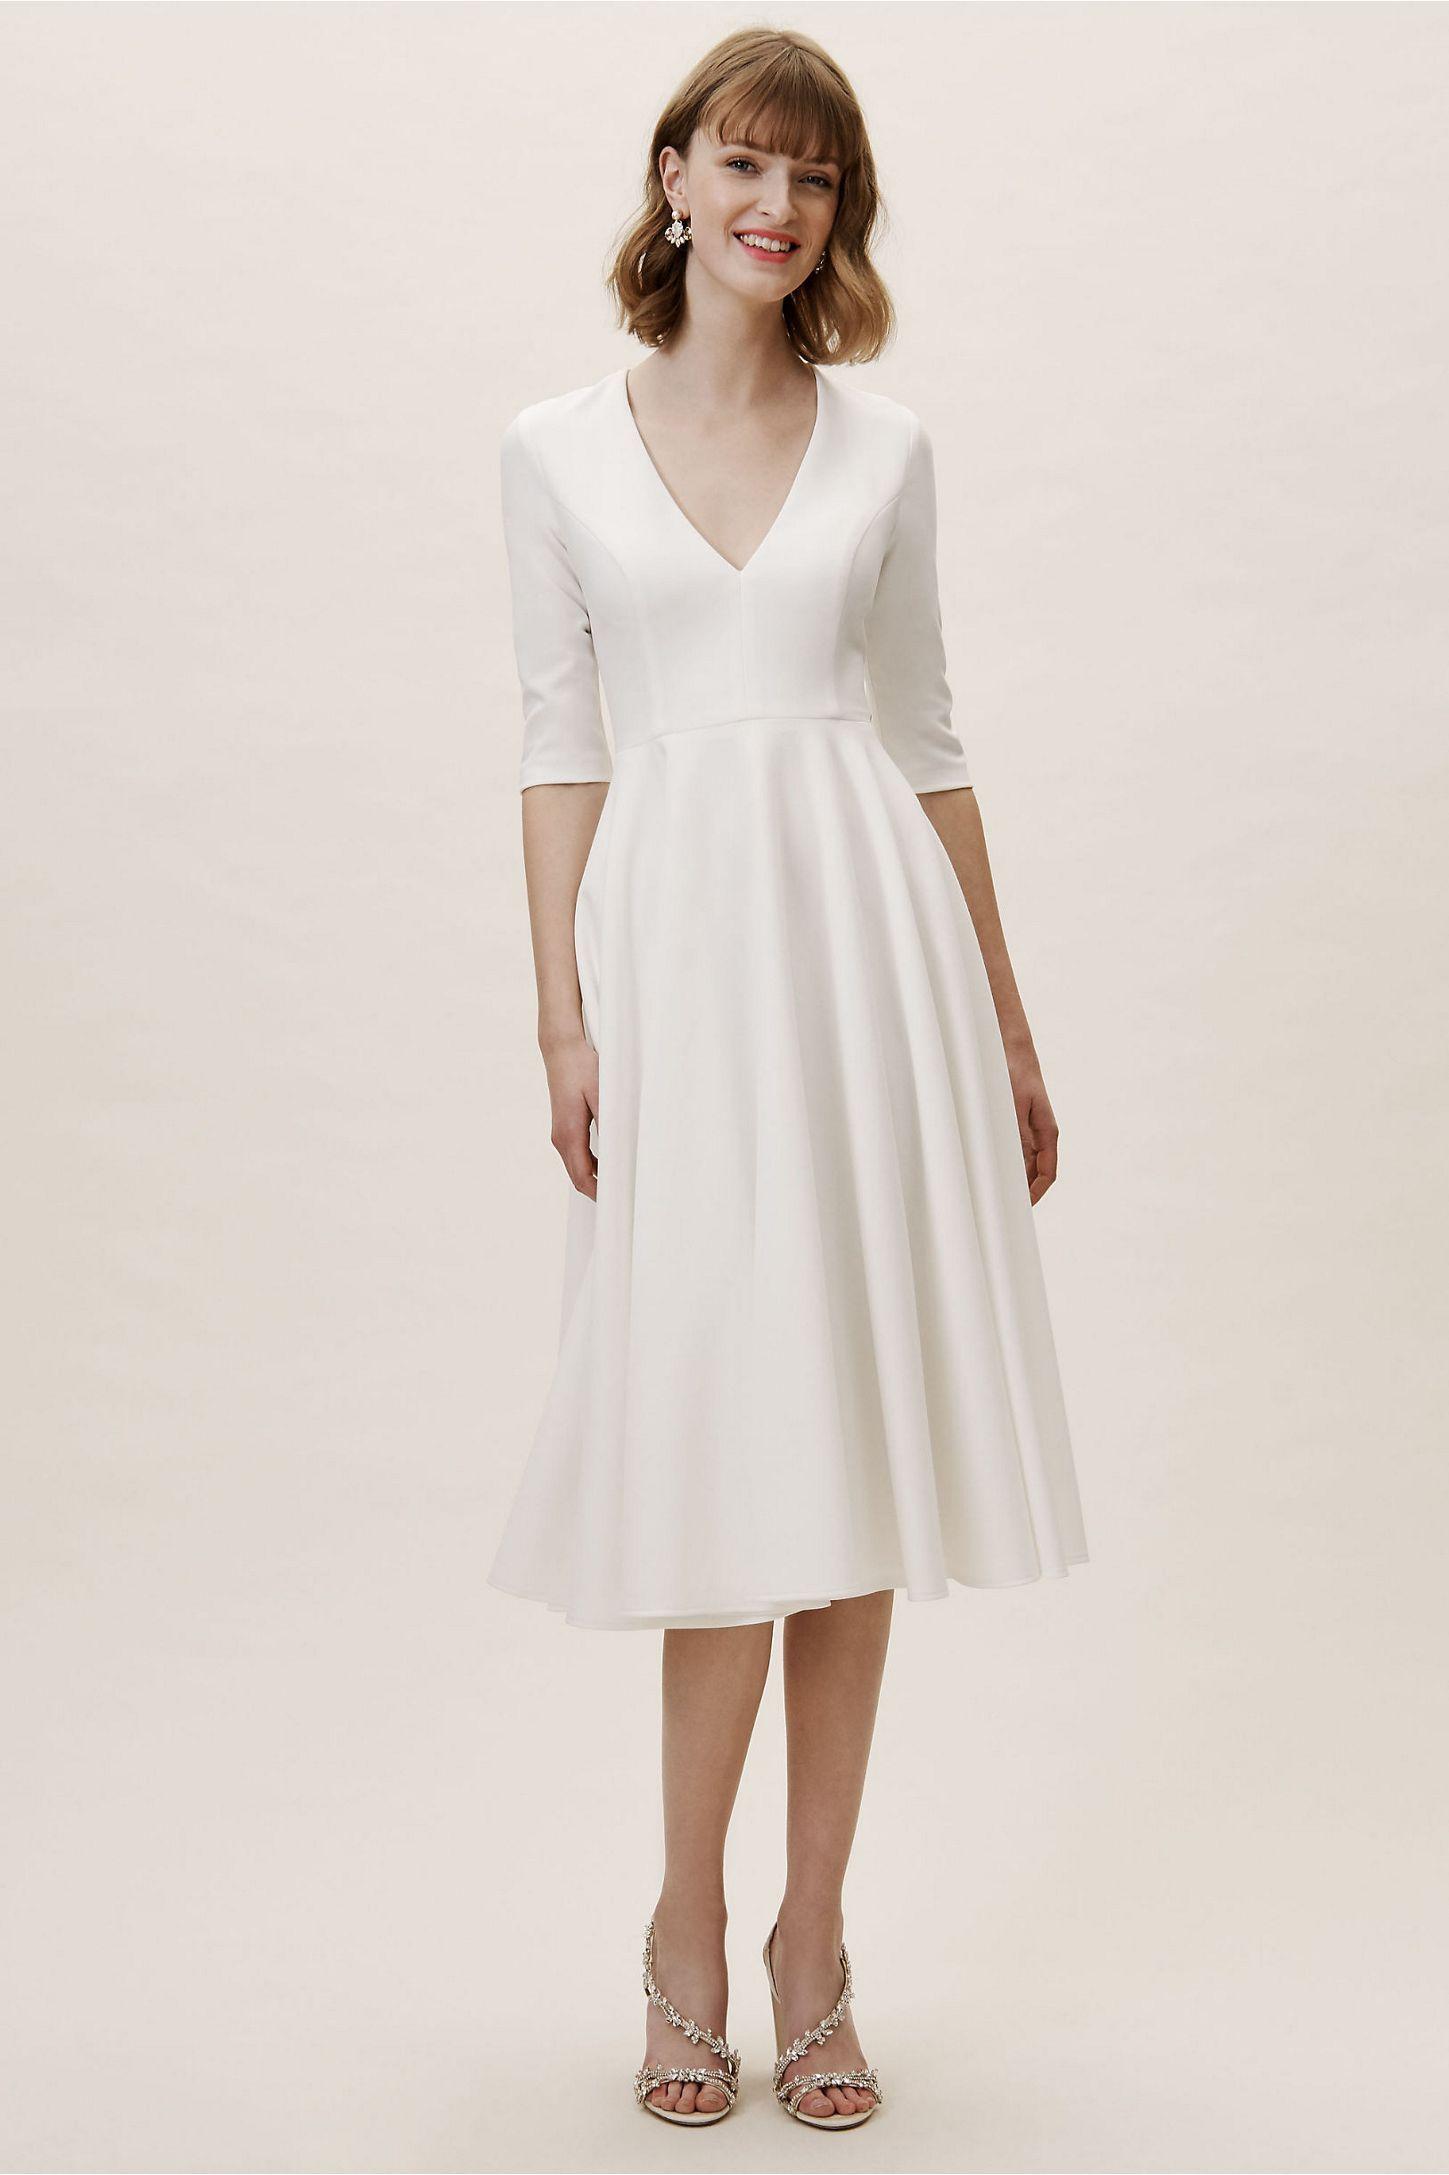 Valdis Dress Little white dresses, Wedding dresses under